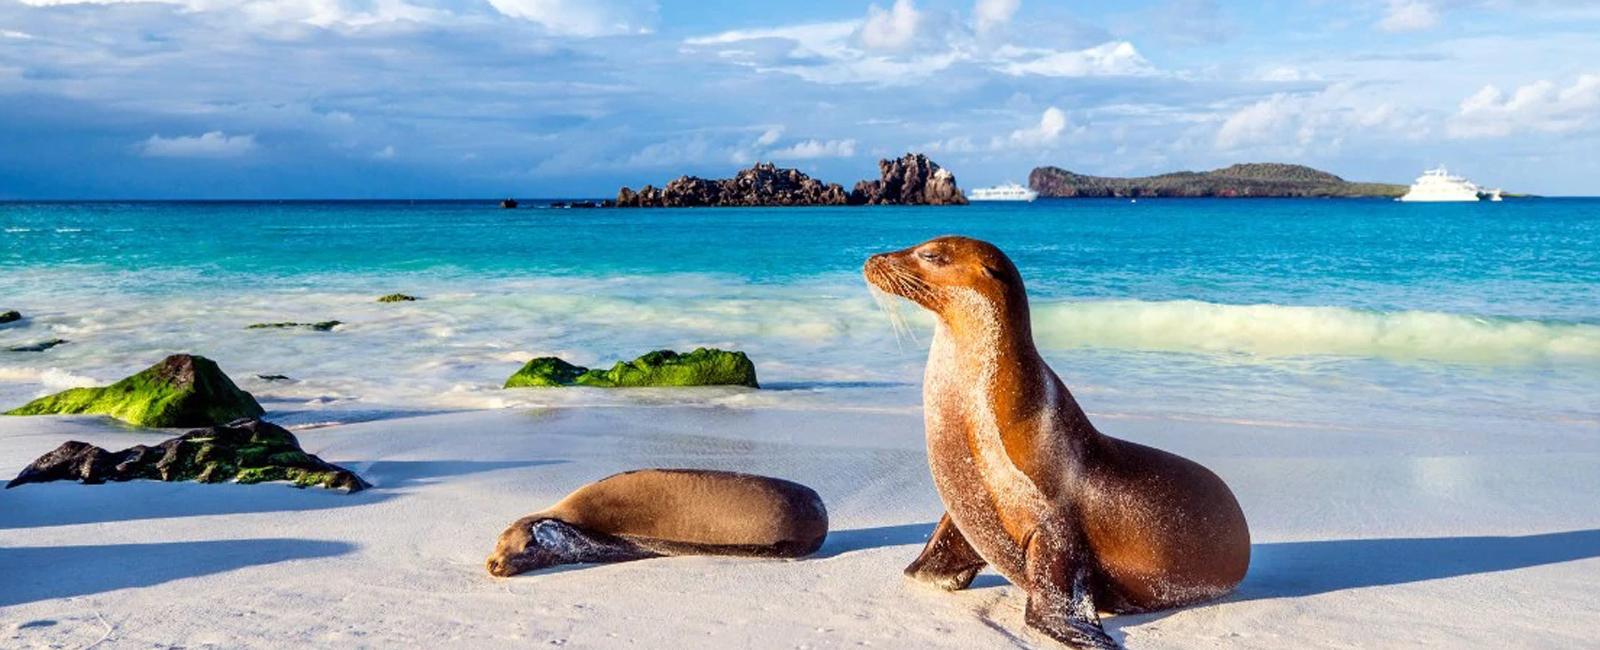 Costa Rica – Equador – Panamá com Ilhas Galápagos e Canal do Panamá.